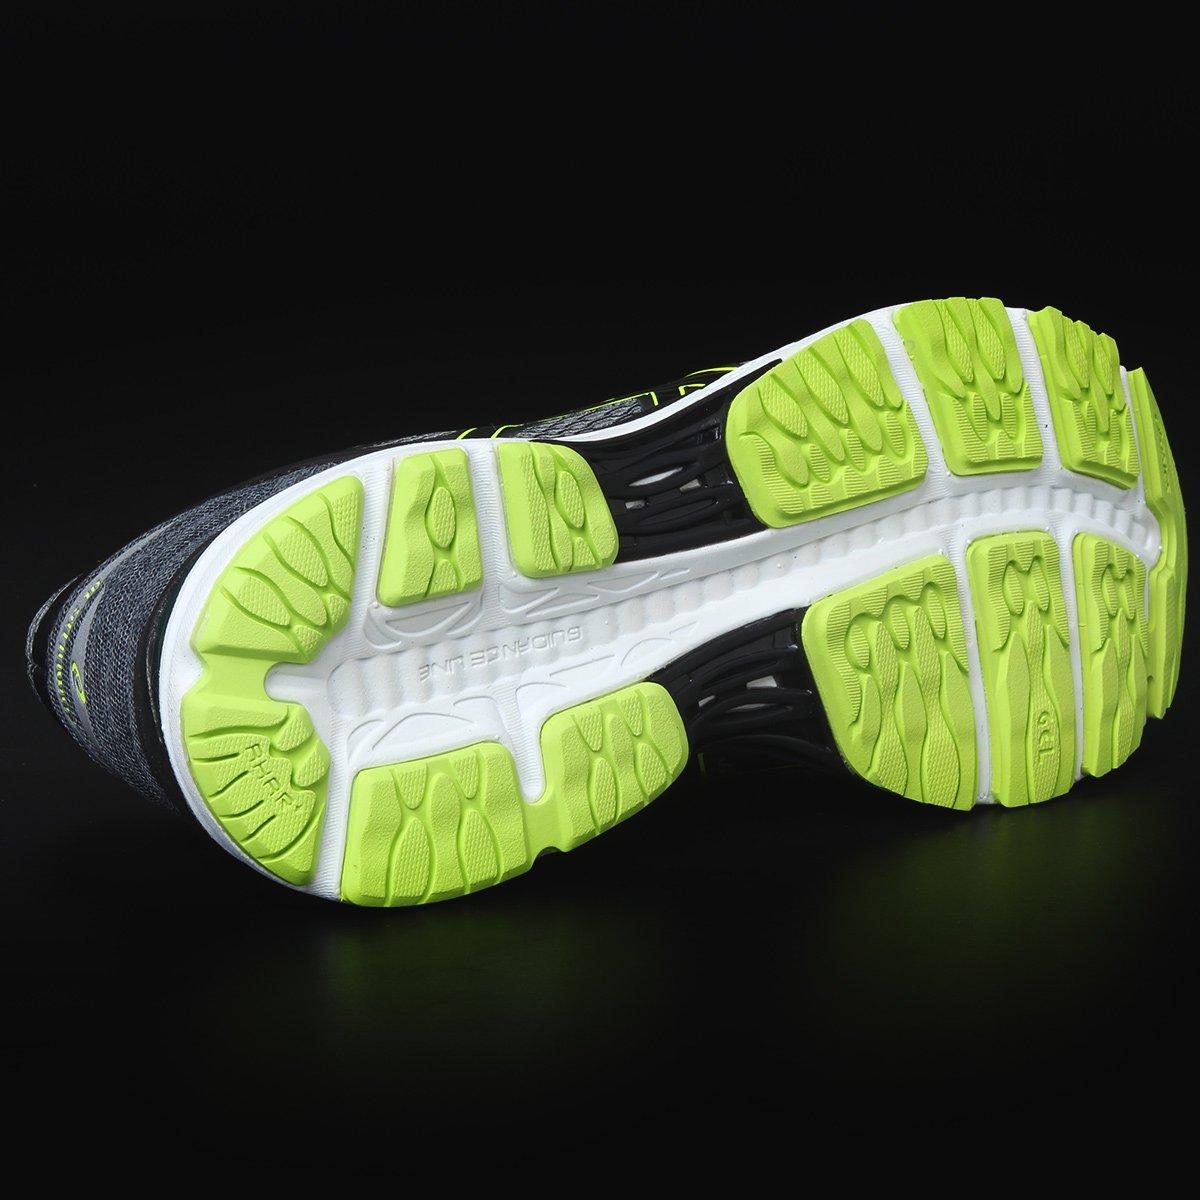 Tênis Asics Gel Cumulus 18 Masculino - Chumbo e Verde Limão - Compre ... 70999f6832f50